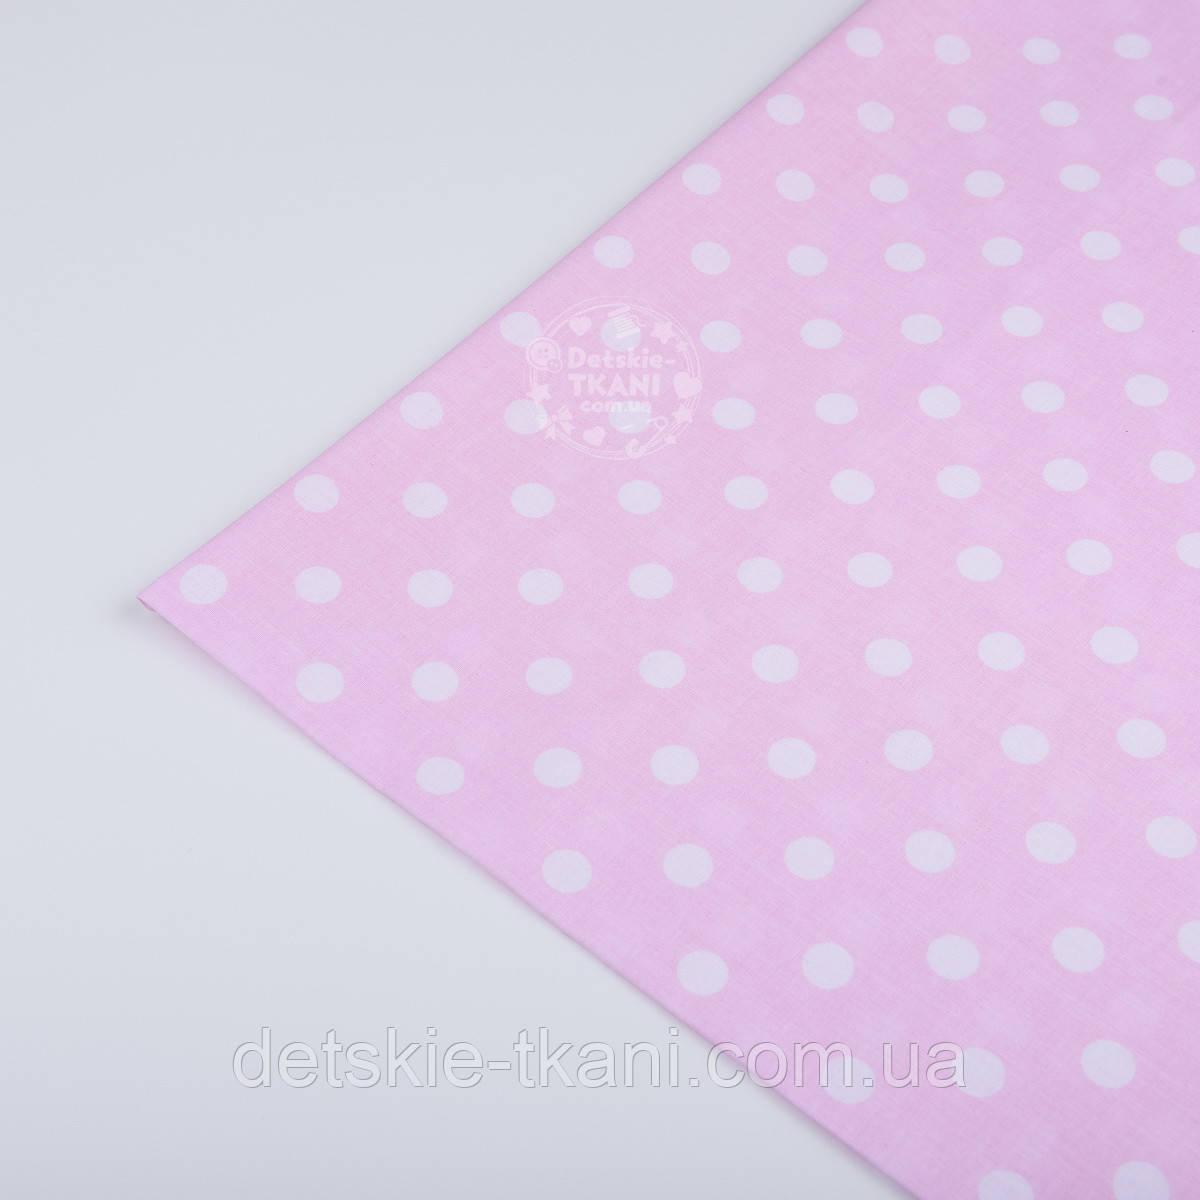 Лоскут ткани №165а  с белым горошком 1 см на светло-розовом фоне